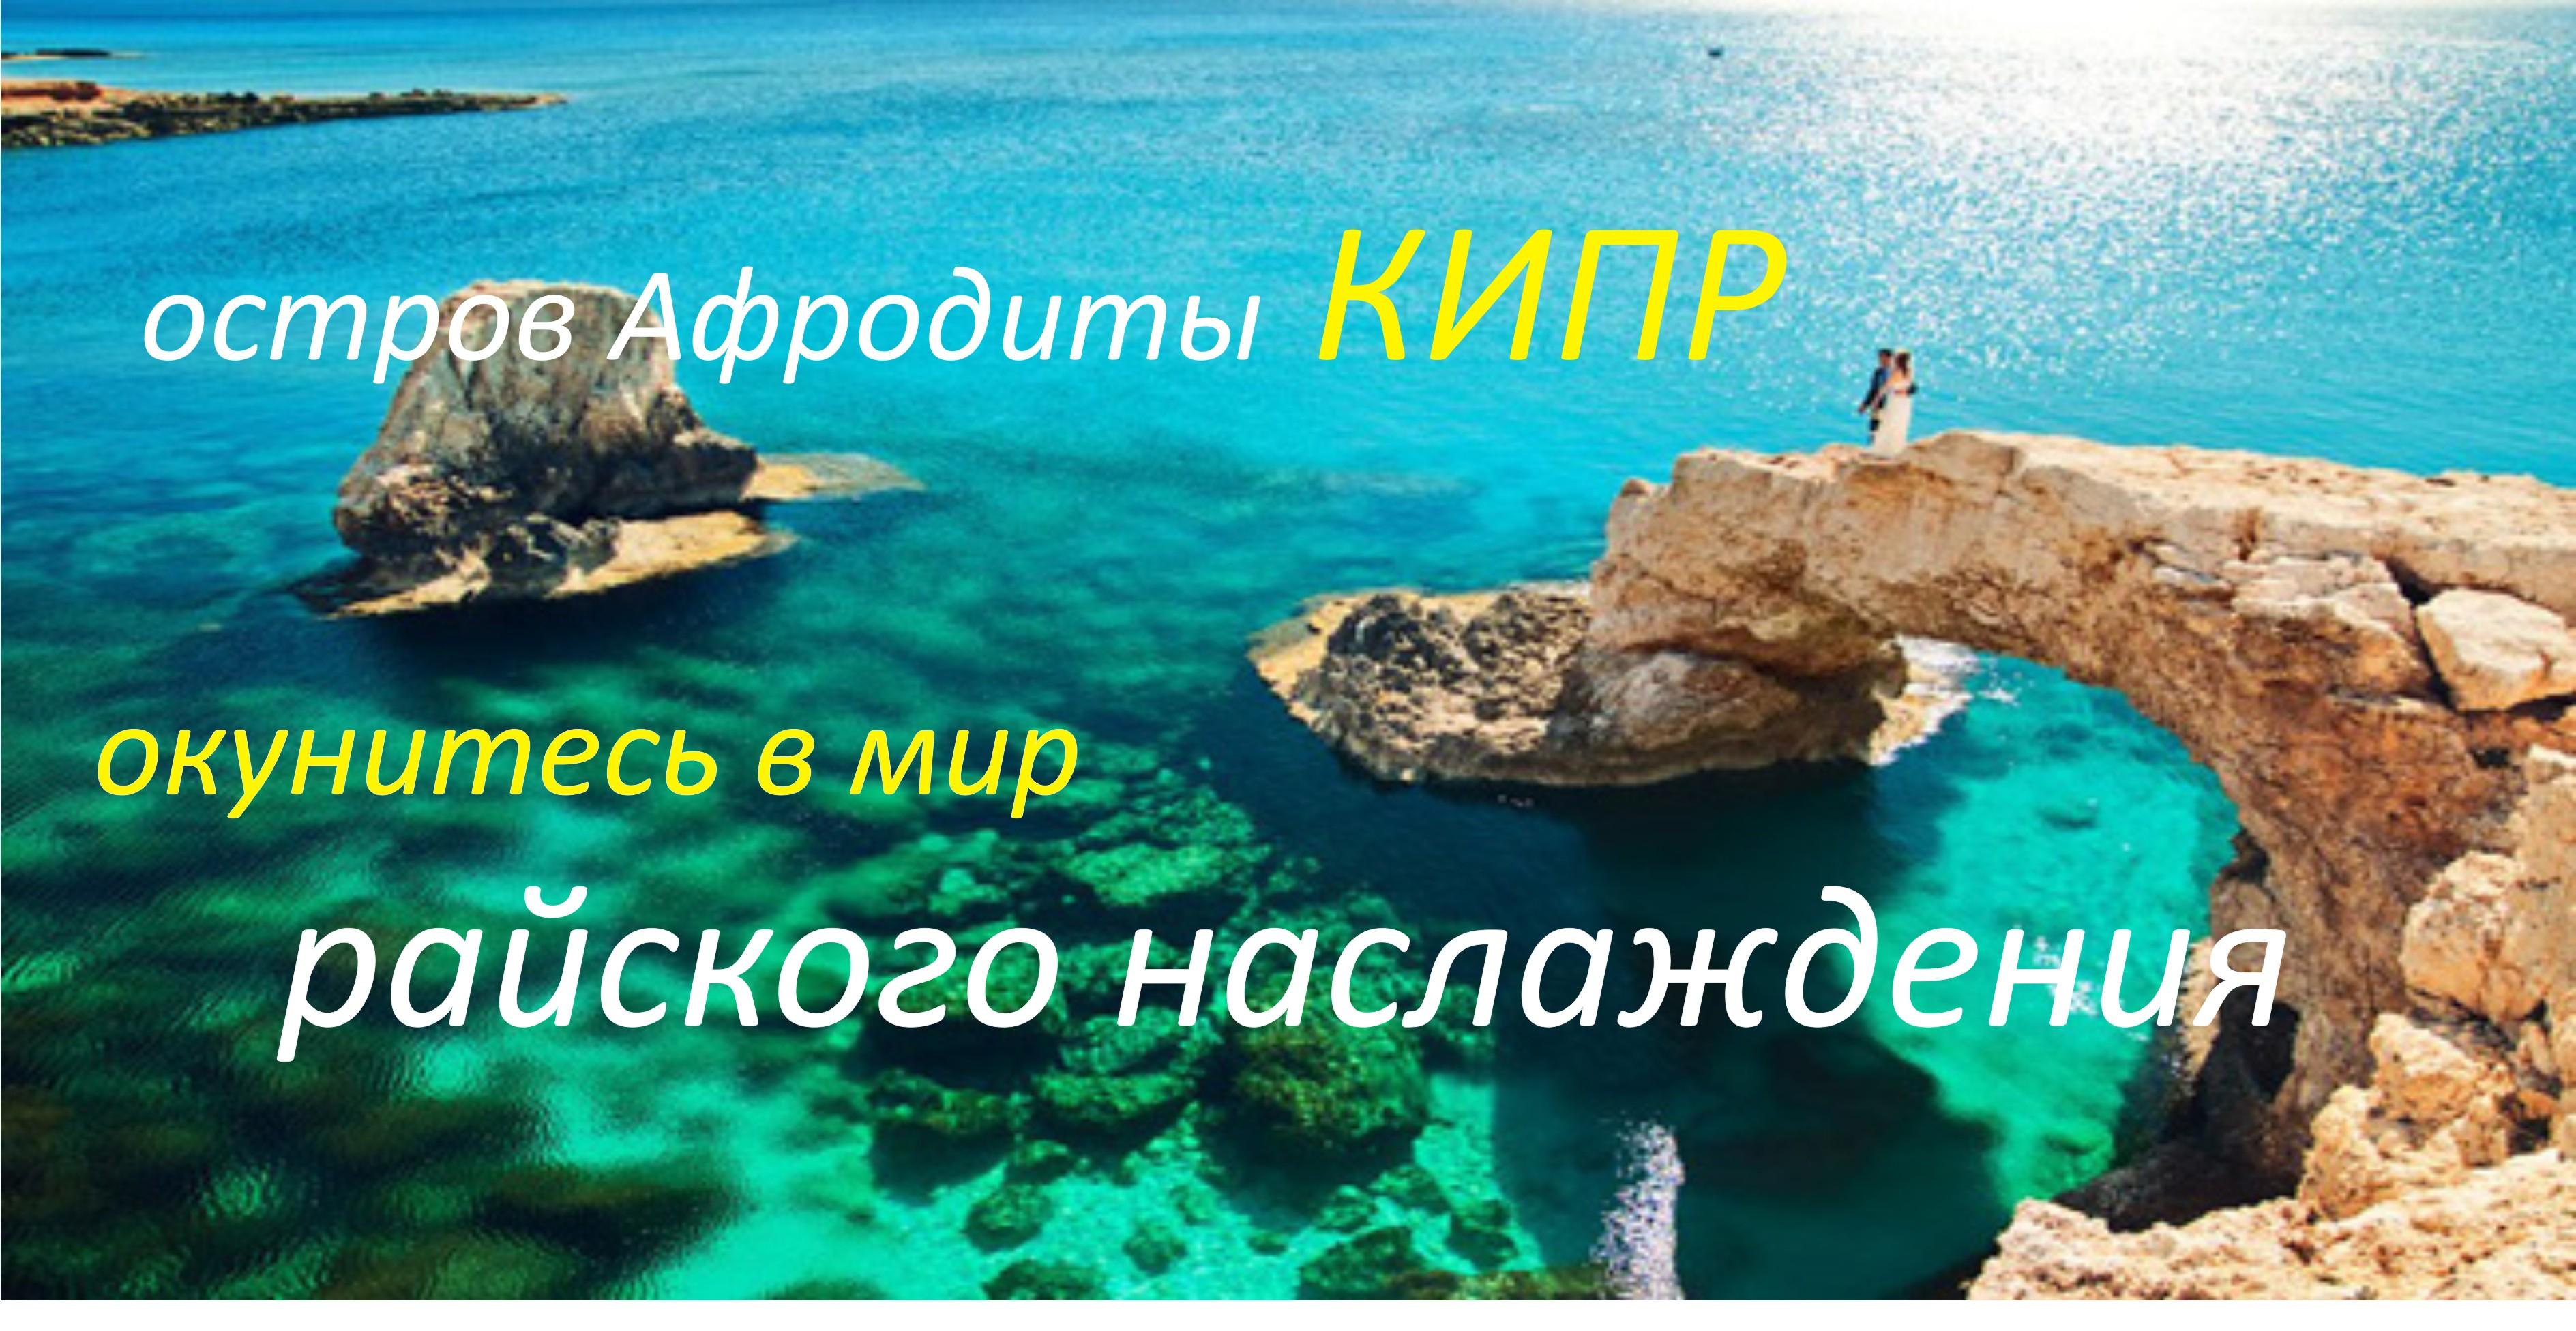 Картинки, кипр фото с надписью кипр